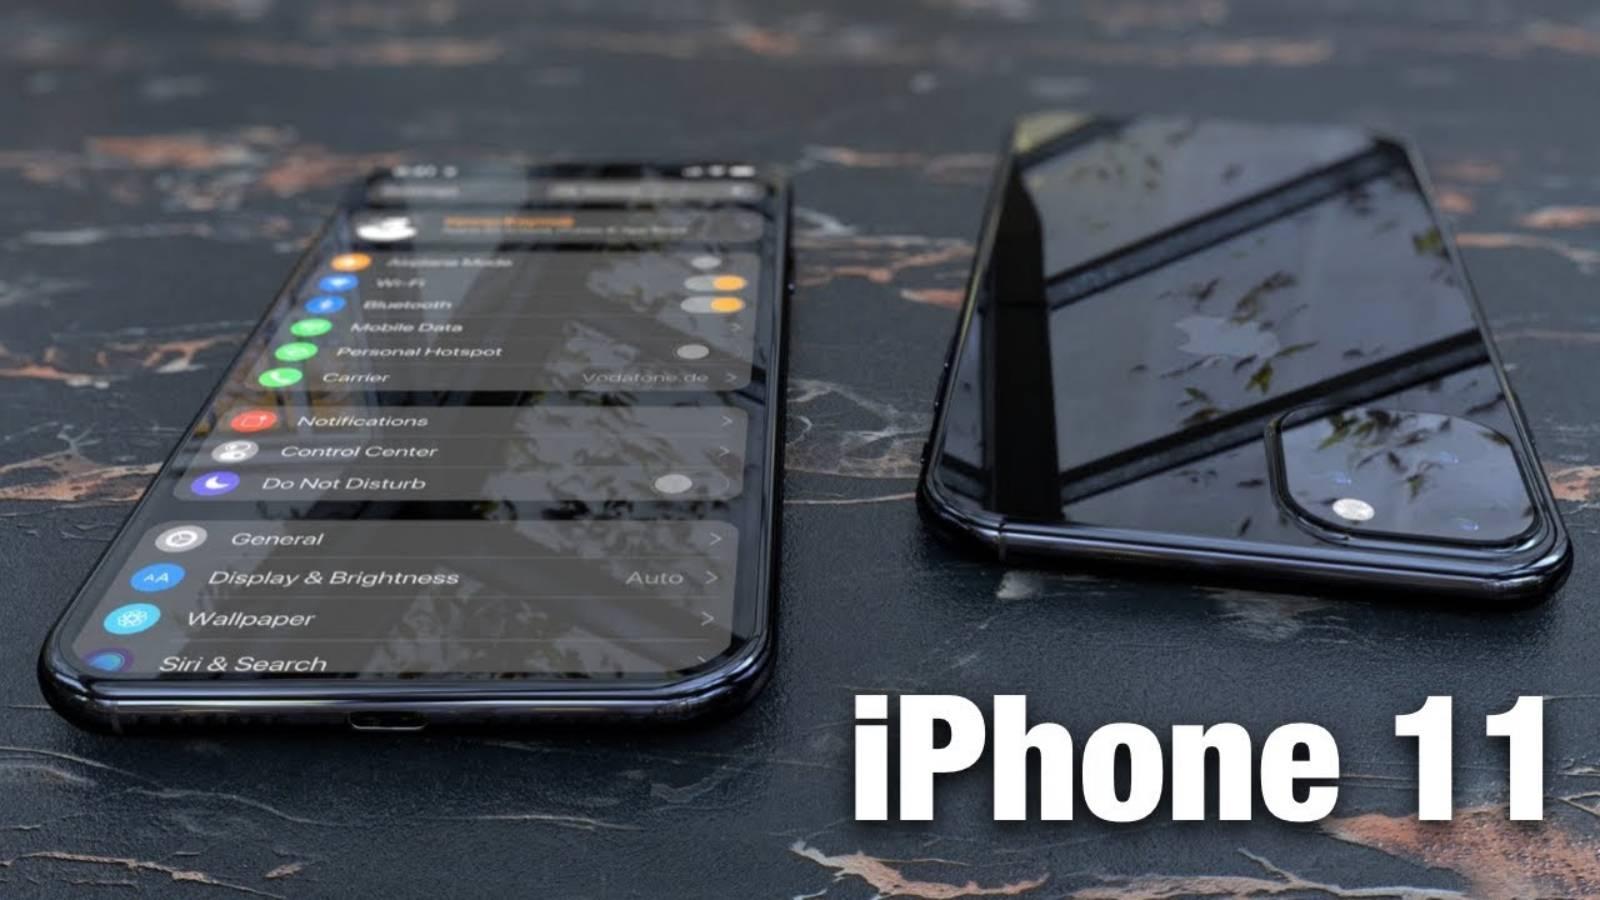 iPhone 11 fidel